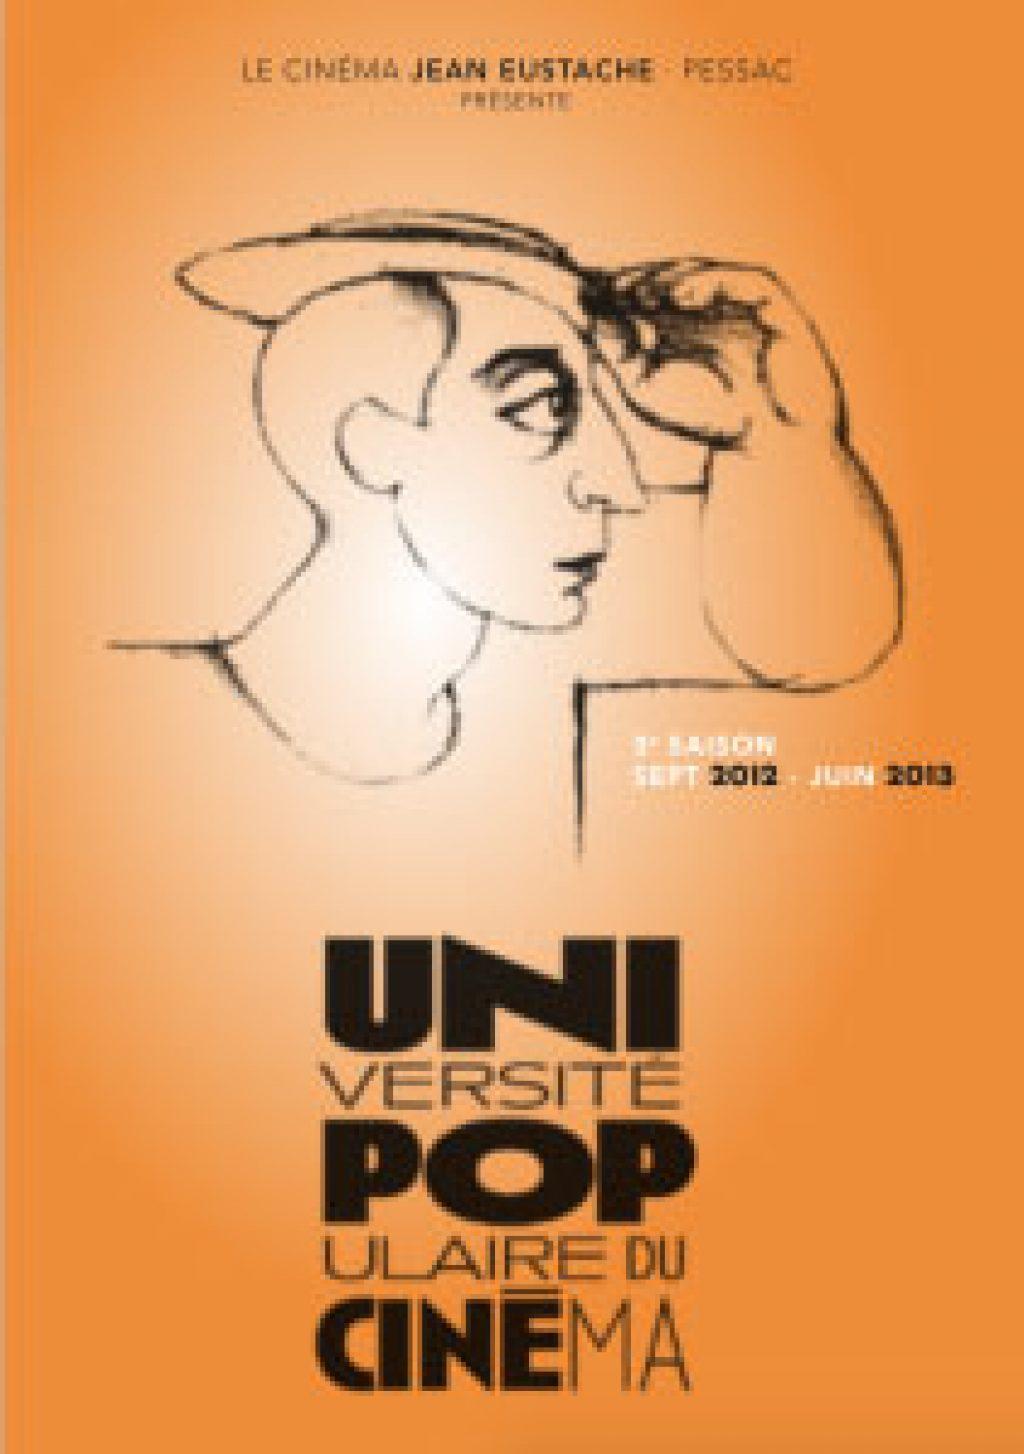 Unipop Unipop cinéma 2012-2013